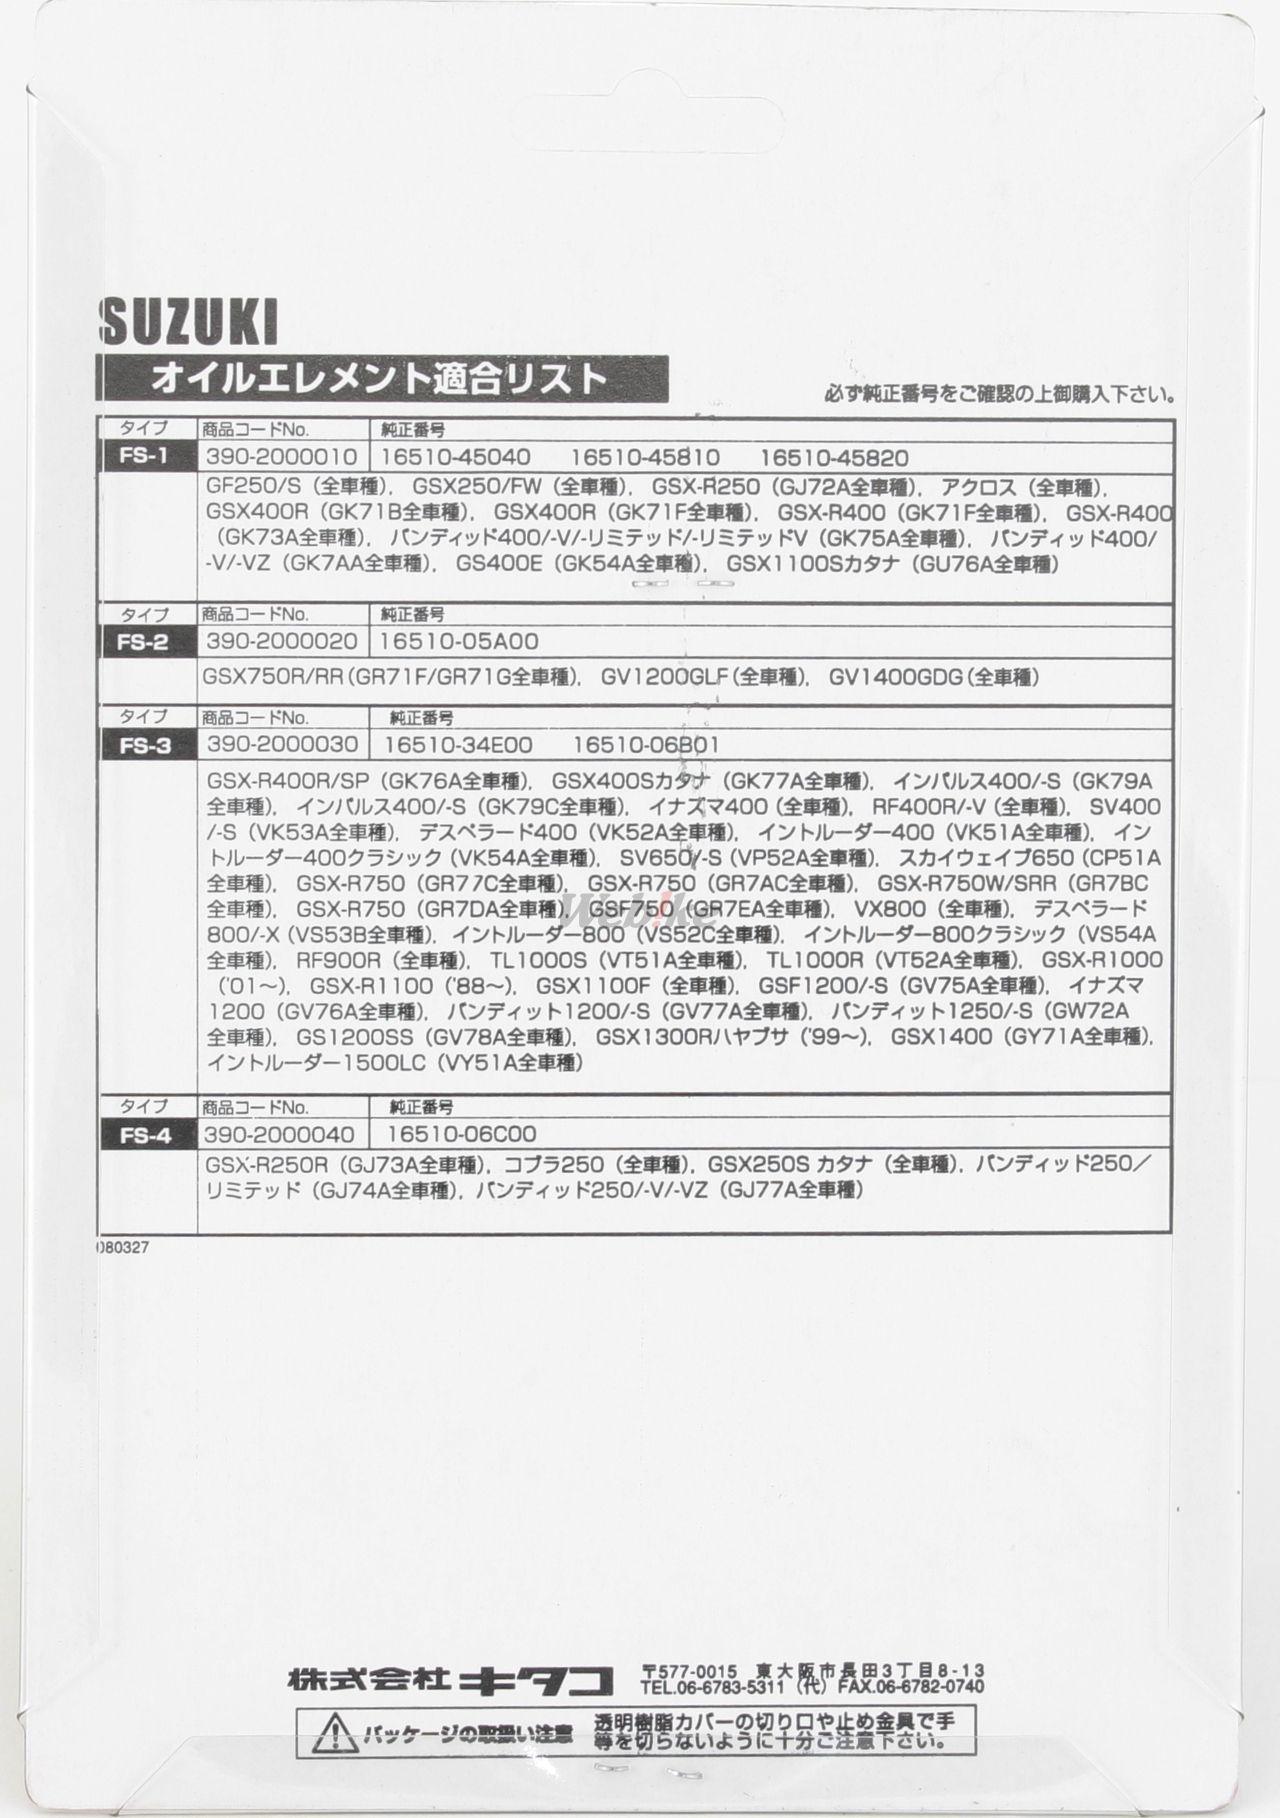 【KITACO】機油濾芯 FS-4 - 「Webike-摩托百貨」